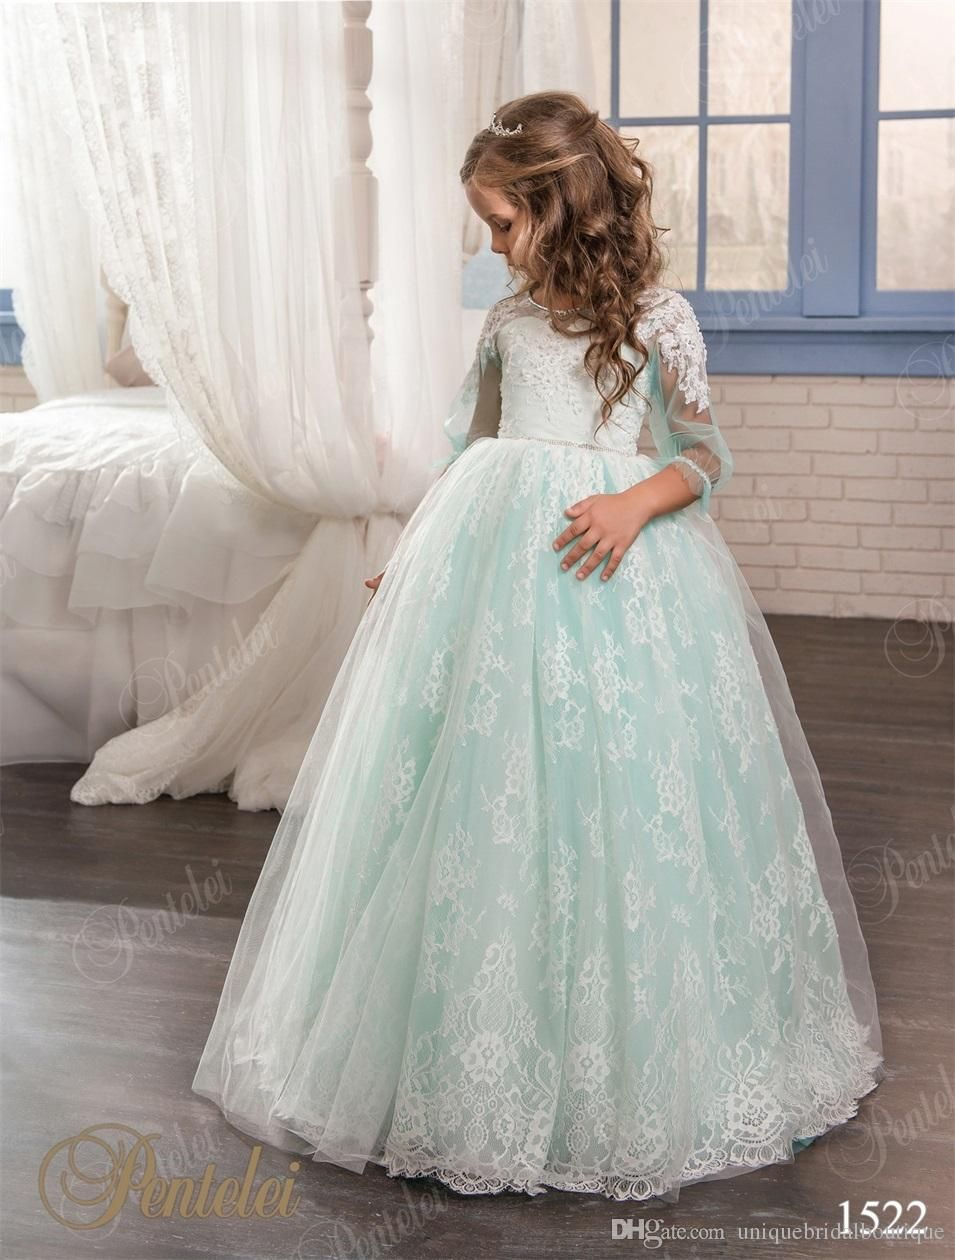 Mint little girls wedding dresses 2017 pentelei with illusion long mint little girls wedding dresses 2017 pentelei with illusion long sleeves and buttons back tulle ombrellifo Images